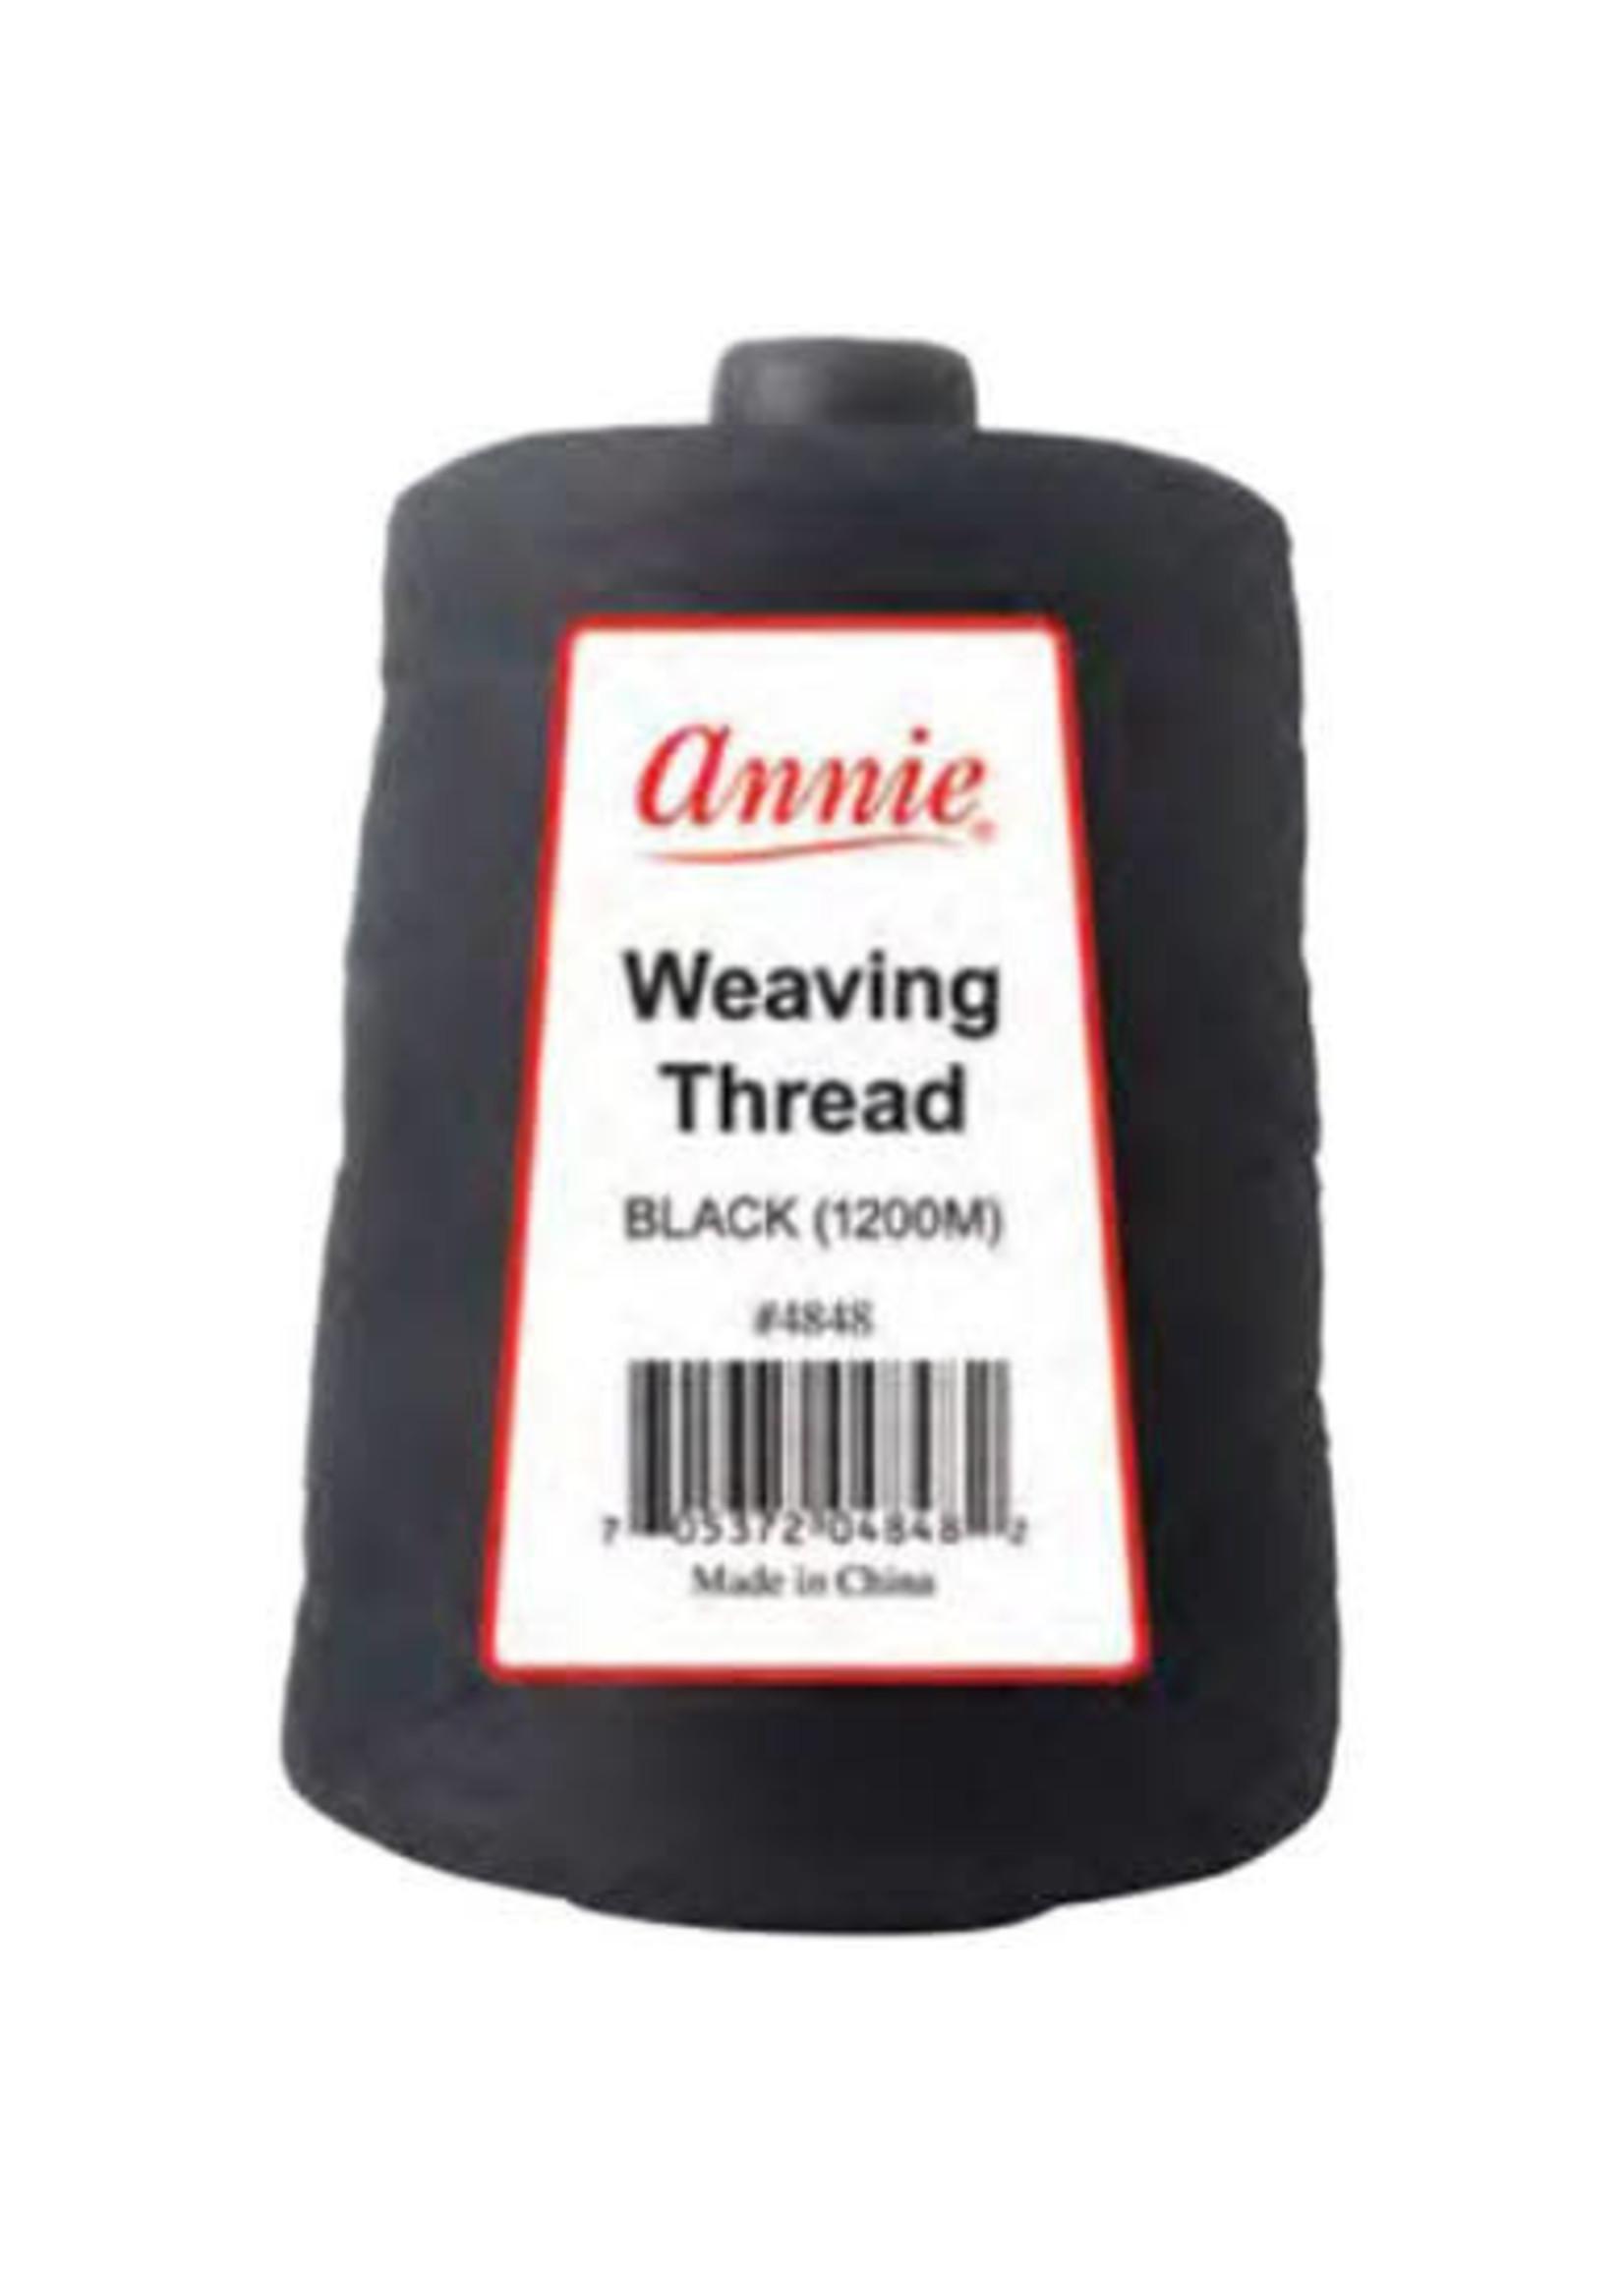 Annie Weaving Thread Black 1200